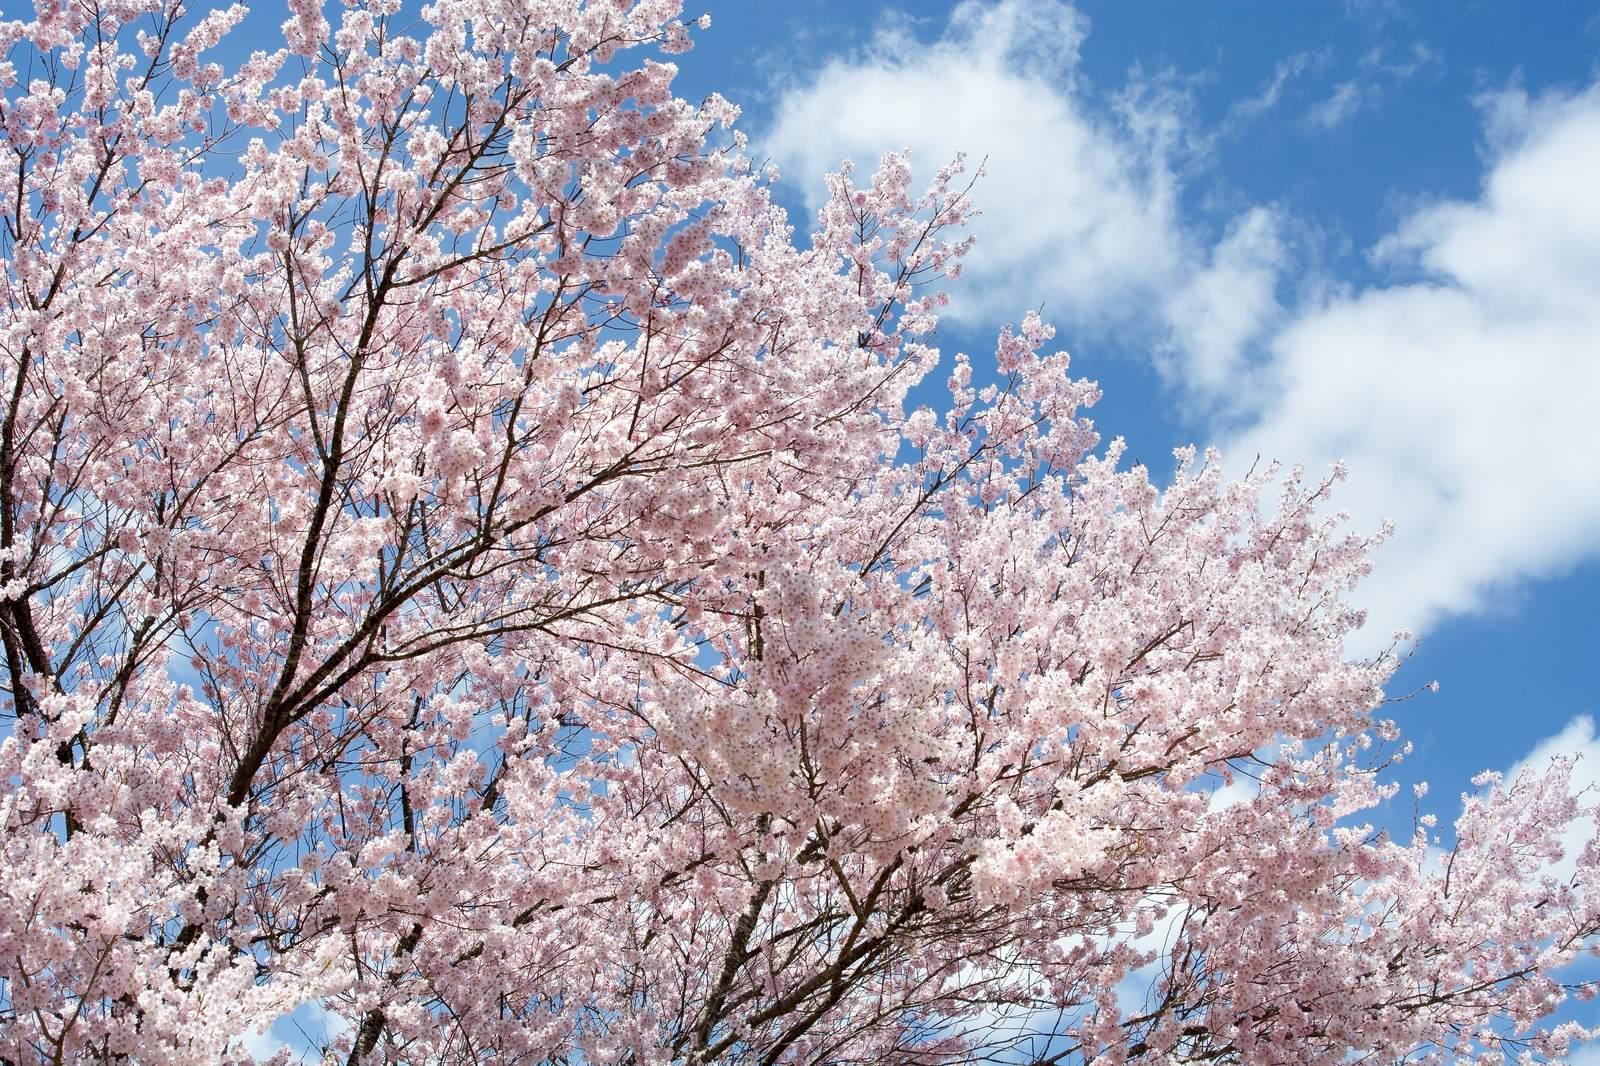 春を表現する言葉一覧】季語 - 季節の美しい言葉 | ORIGAMI - 日本の ...